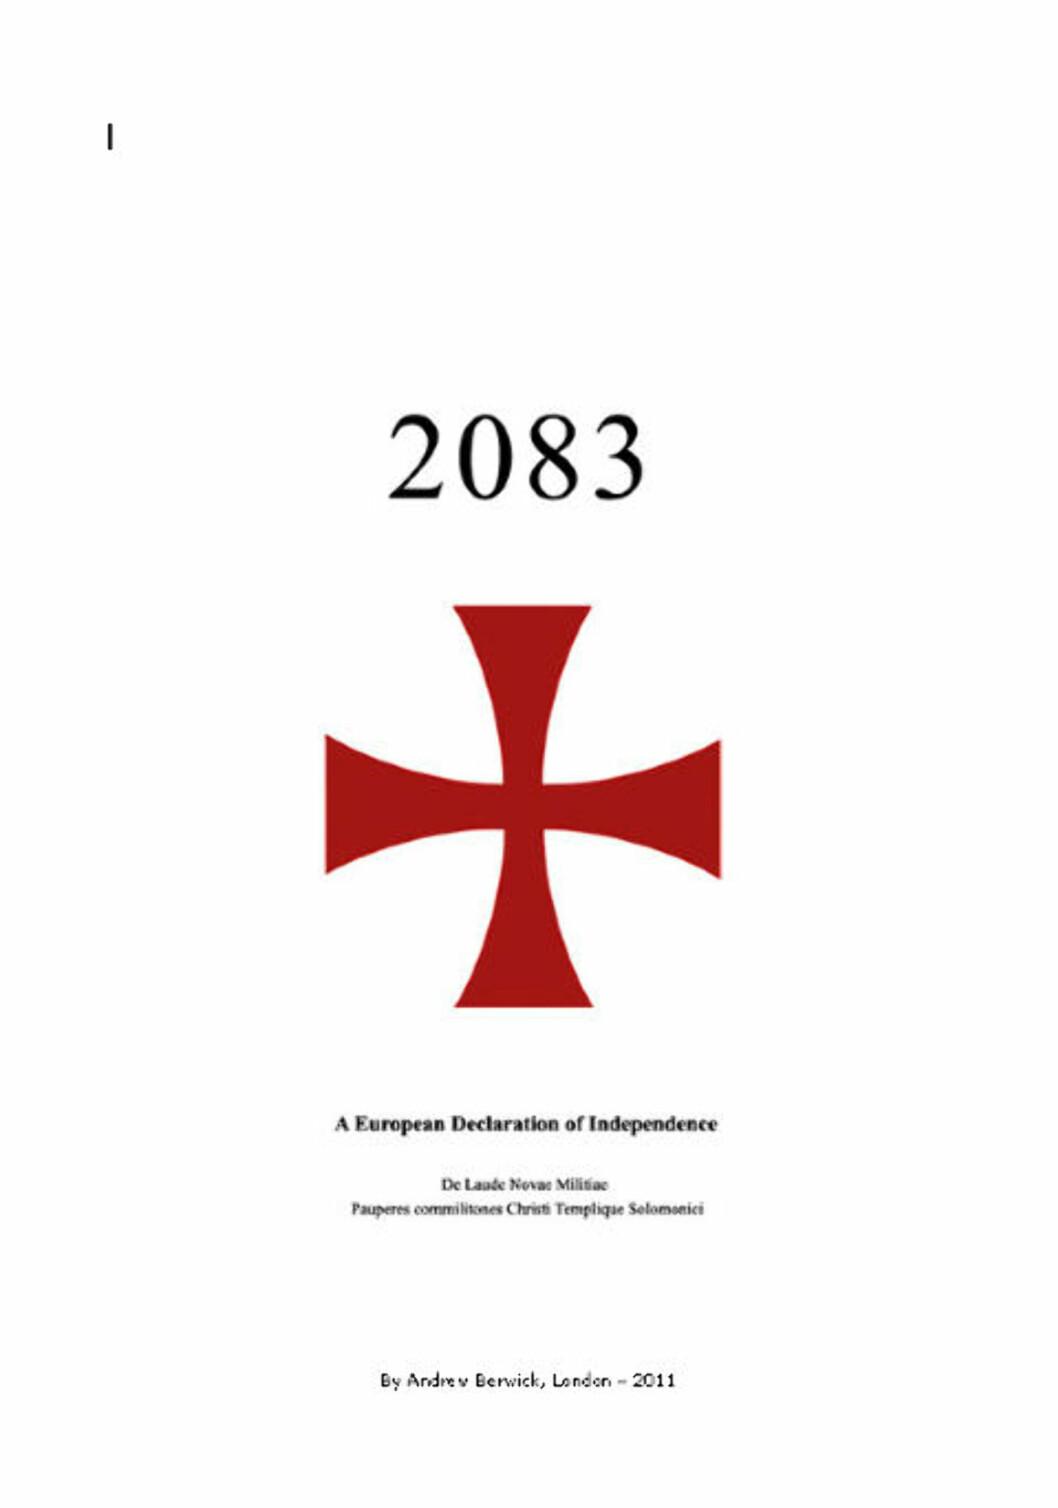 <strong>VIL REDDE EUROPA:</strong> Forfatteren av boka kaller seg Andrew Berwick. Den er skrevet på engelsk - angivelig i London i år.